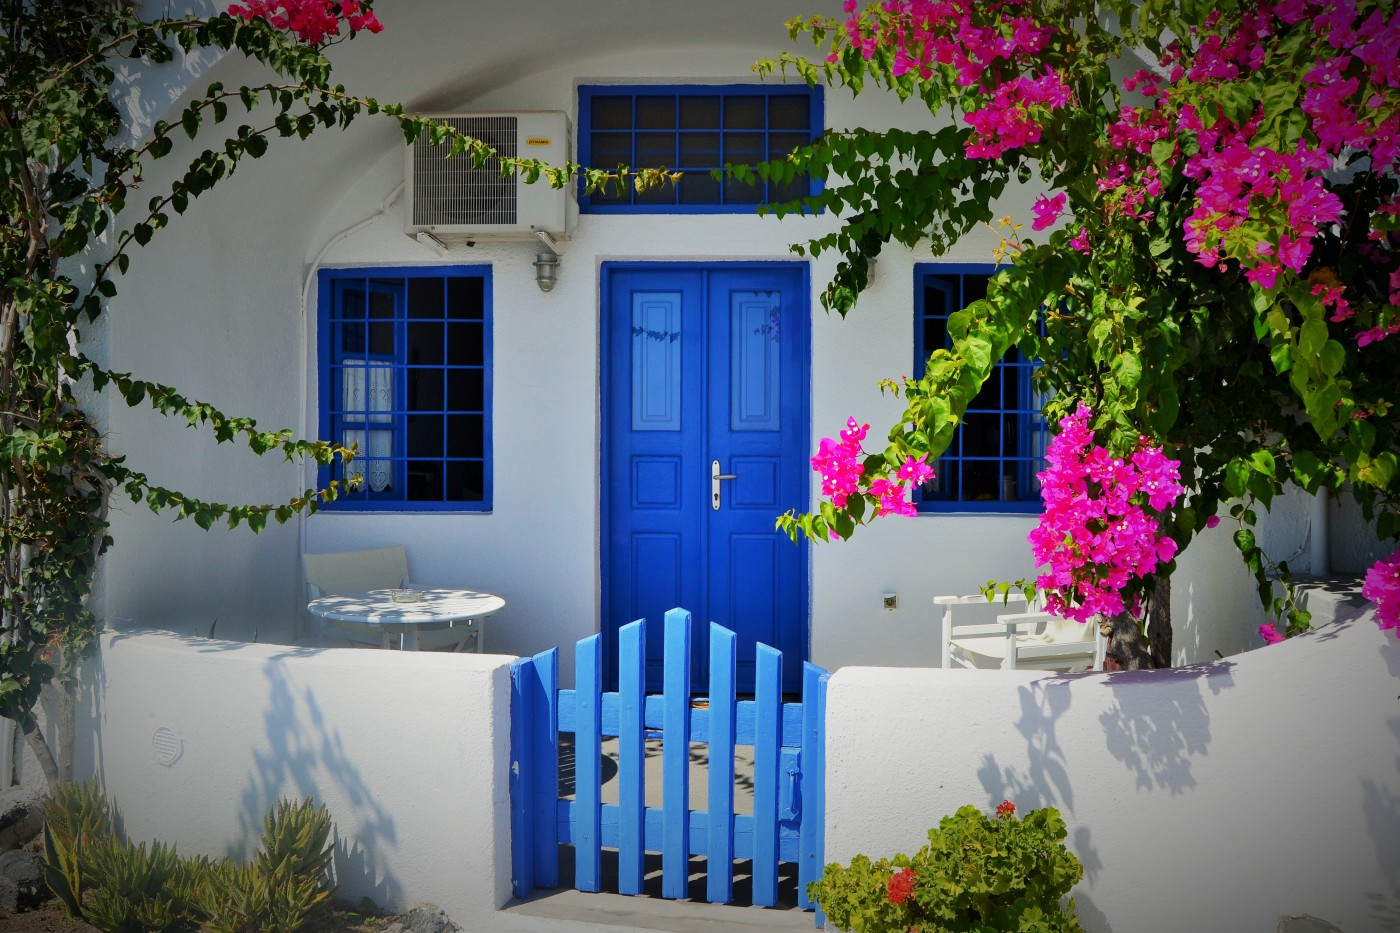 Santorini Architektur Haus Copyright Susanne Schaeffer